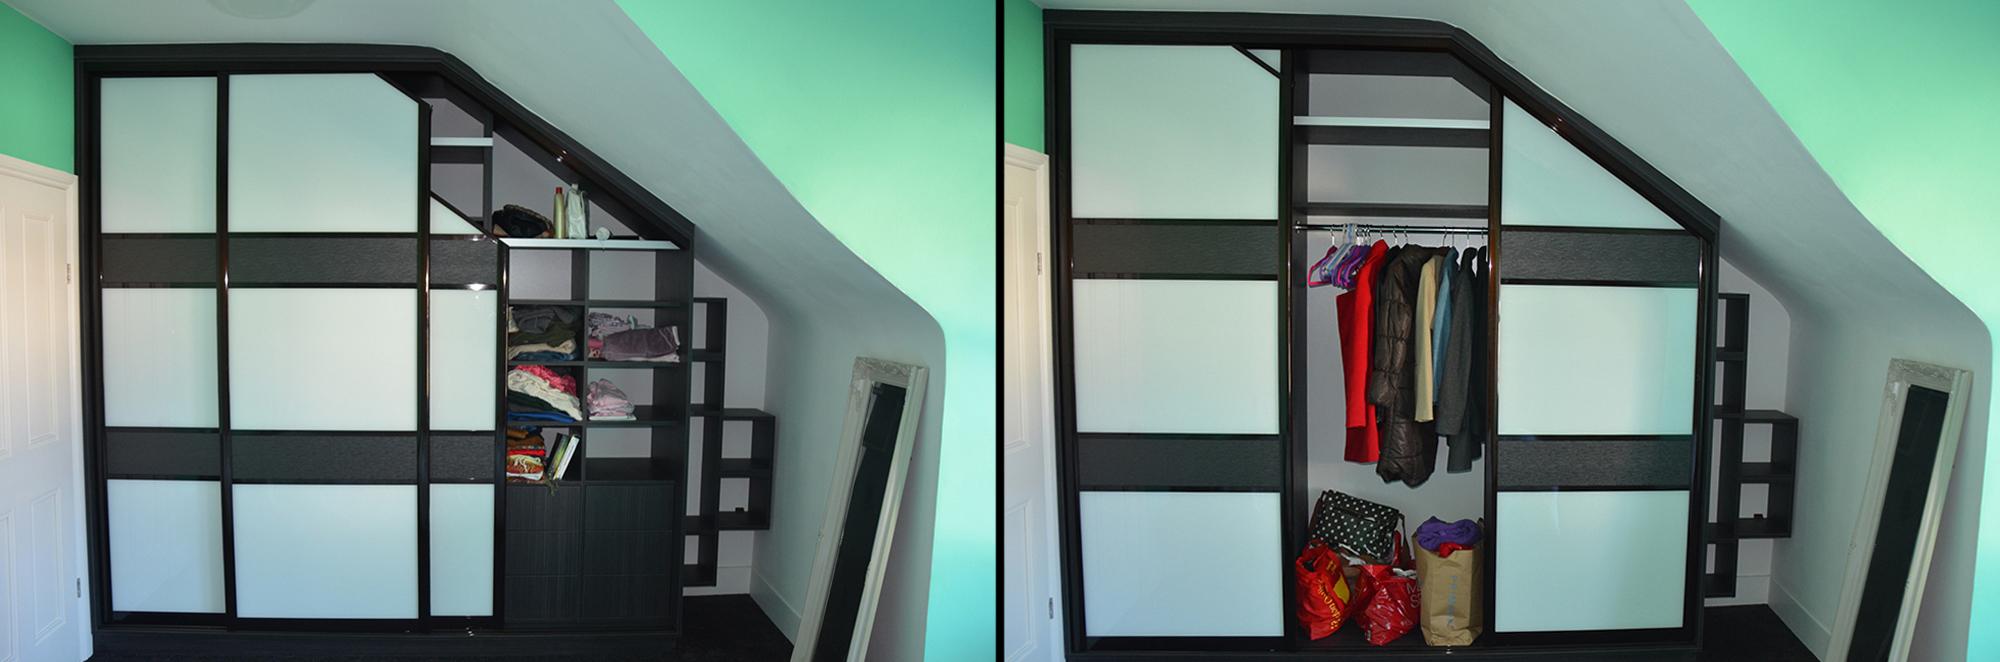 Шкаф-купе для мансардных помещений